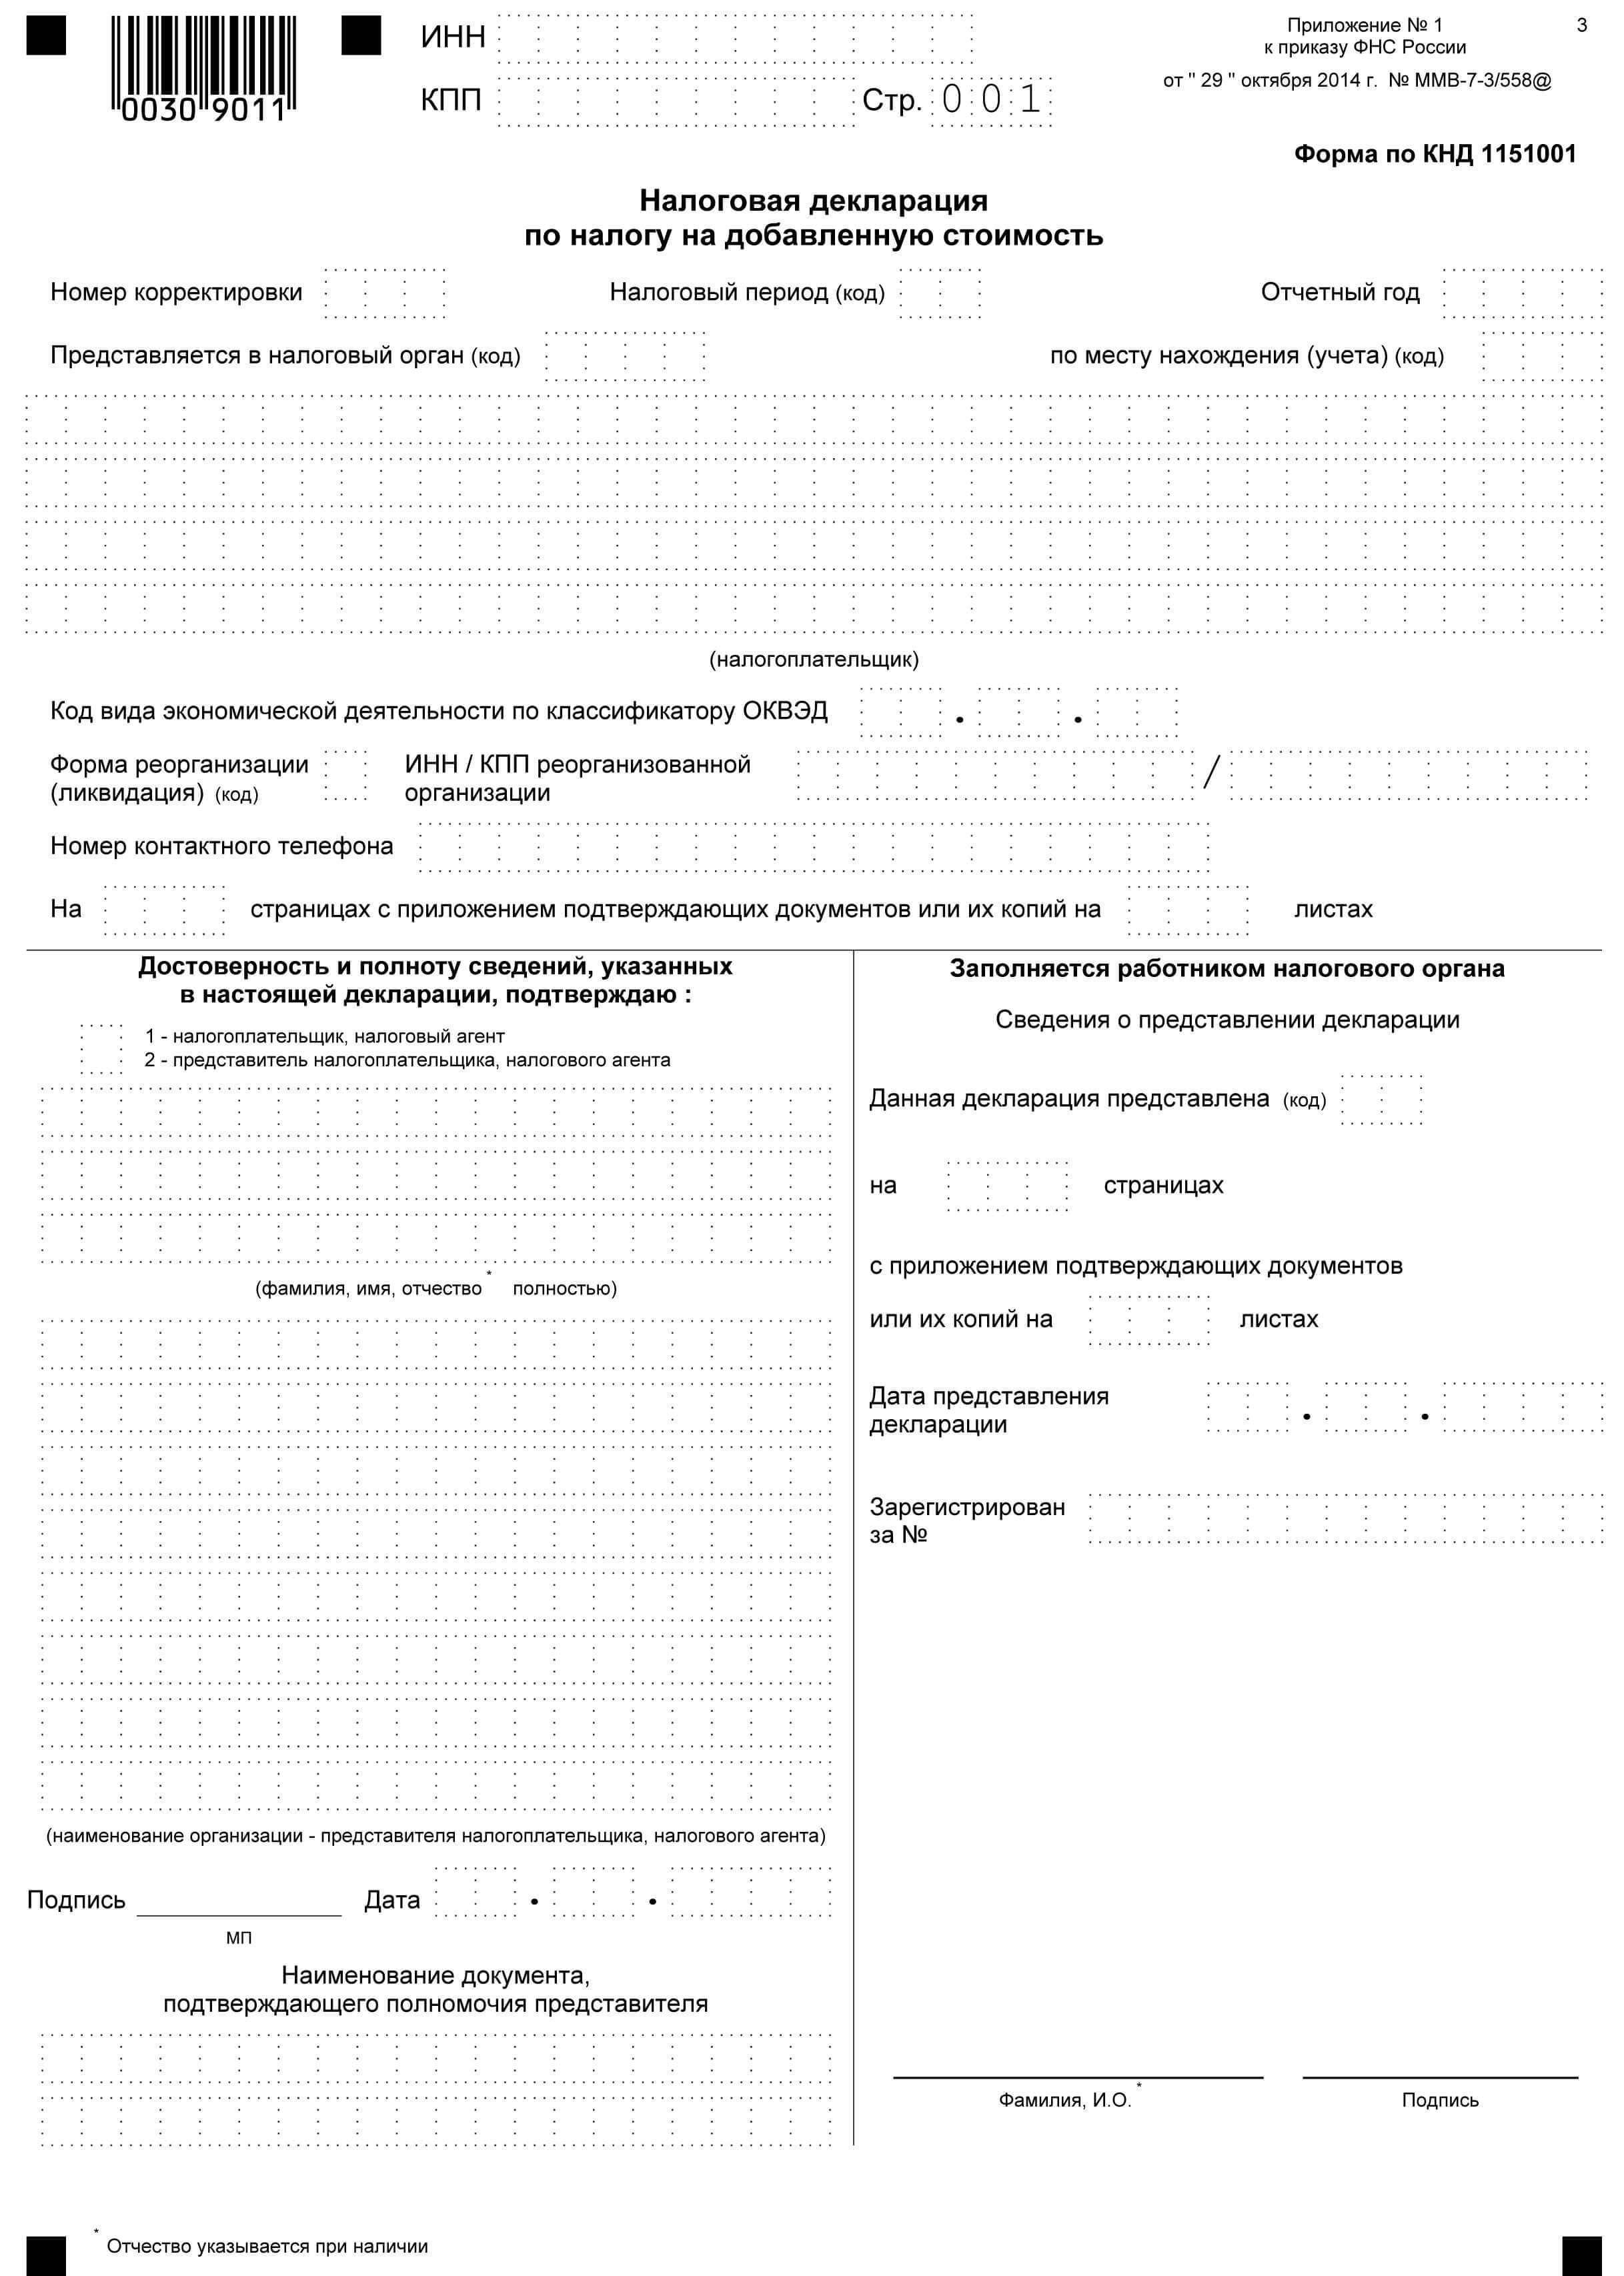 бланк податкова накладна № 1379 01.11.2011 дебет-крудит